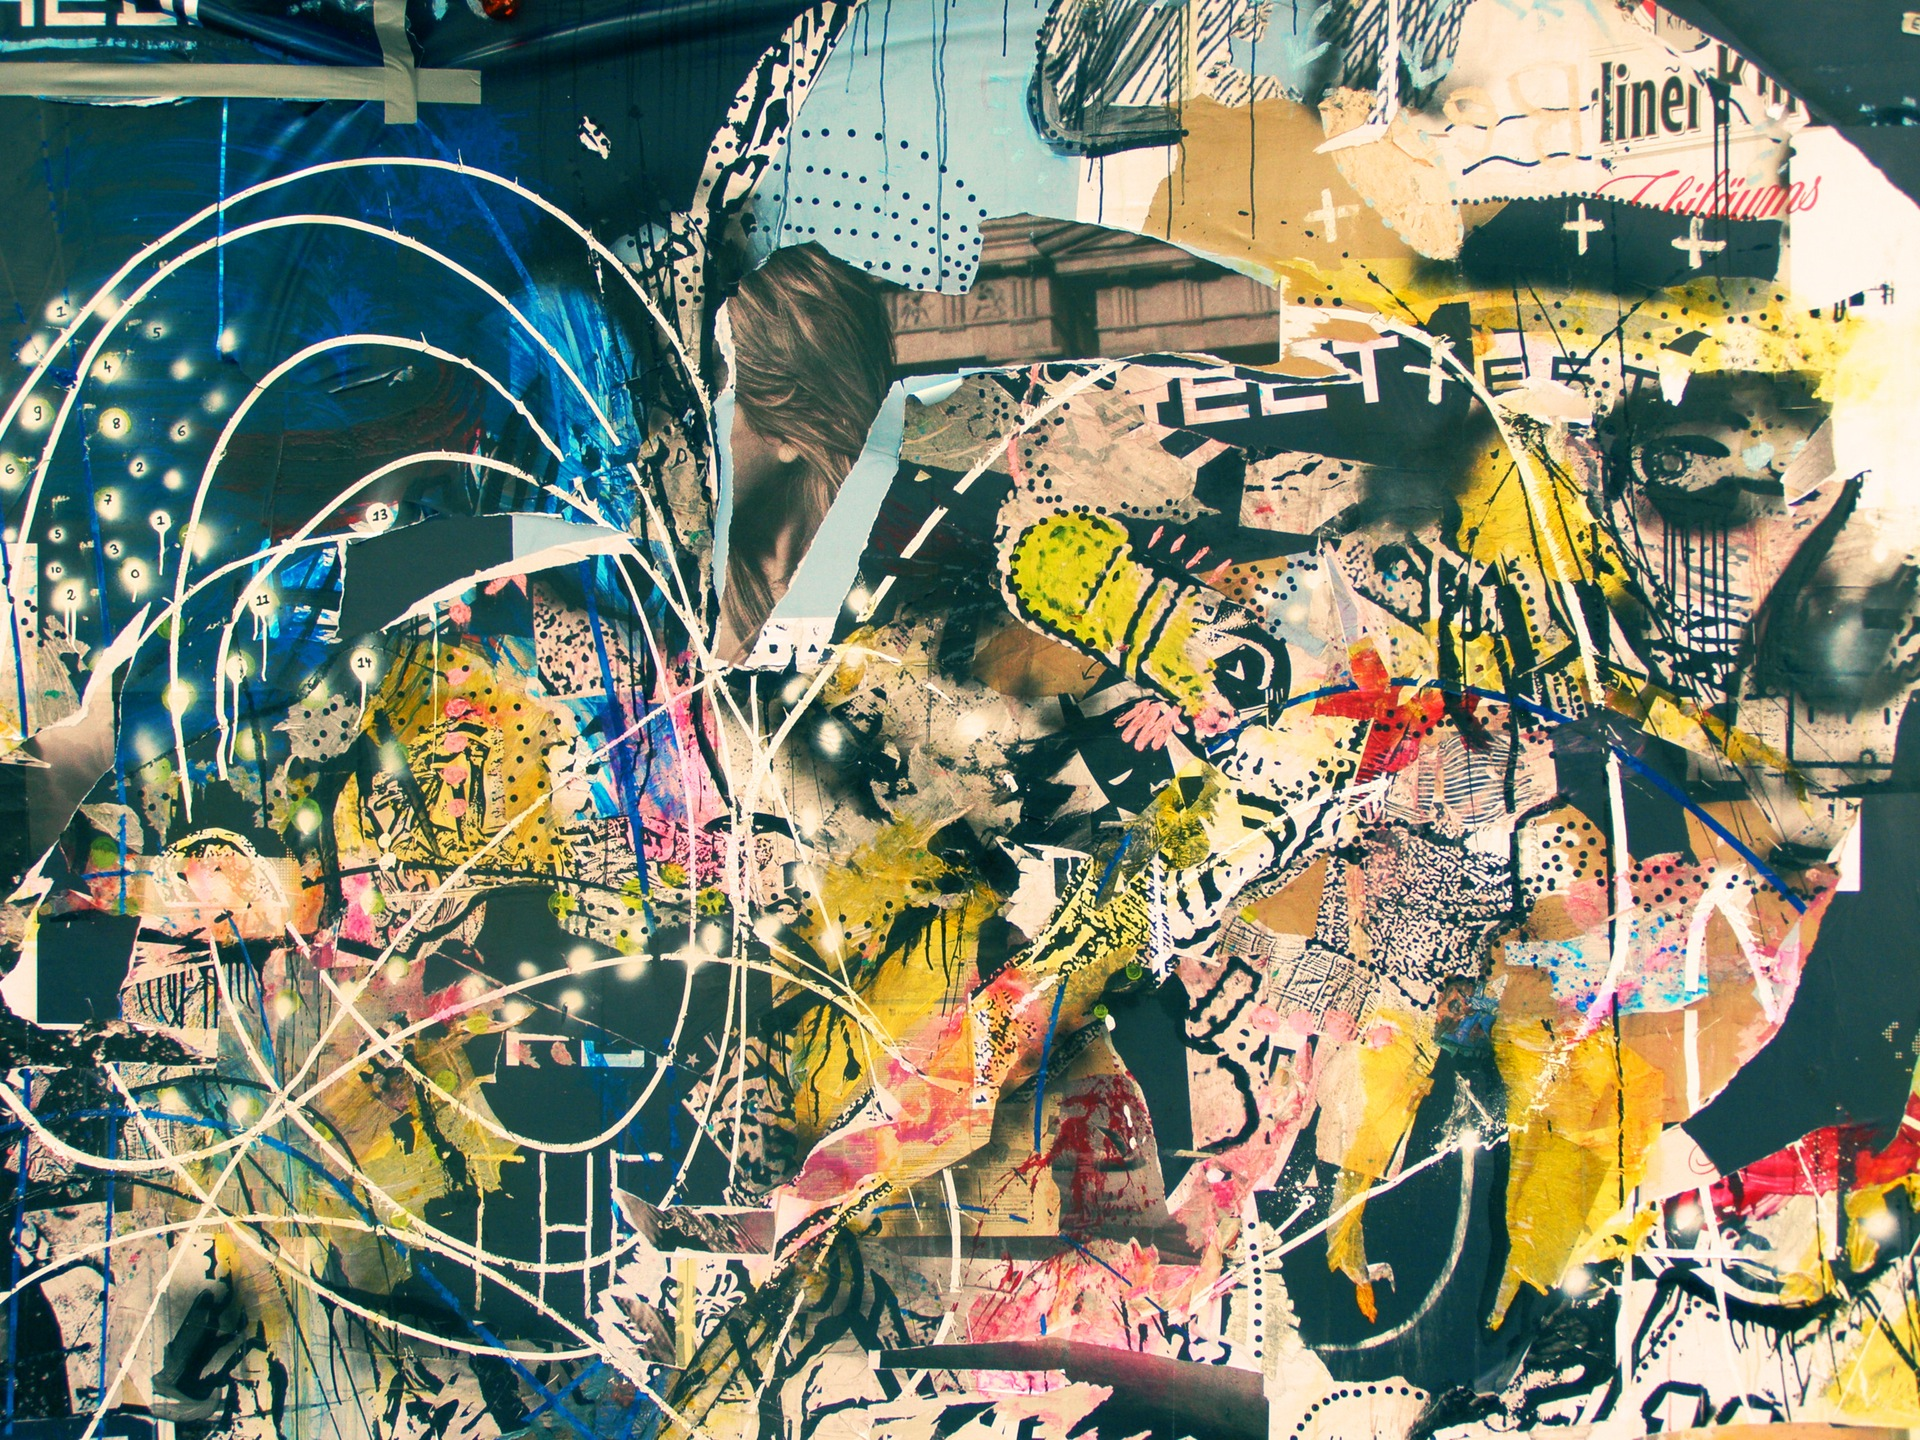 落書き, アート, インスピレーション, ストリート, 都市 - HD の壁紙 - 教授-falken.com